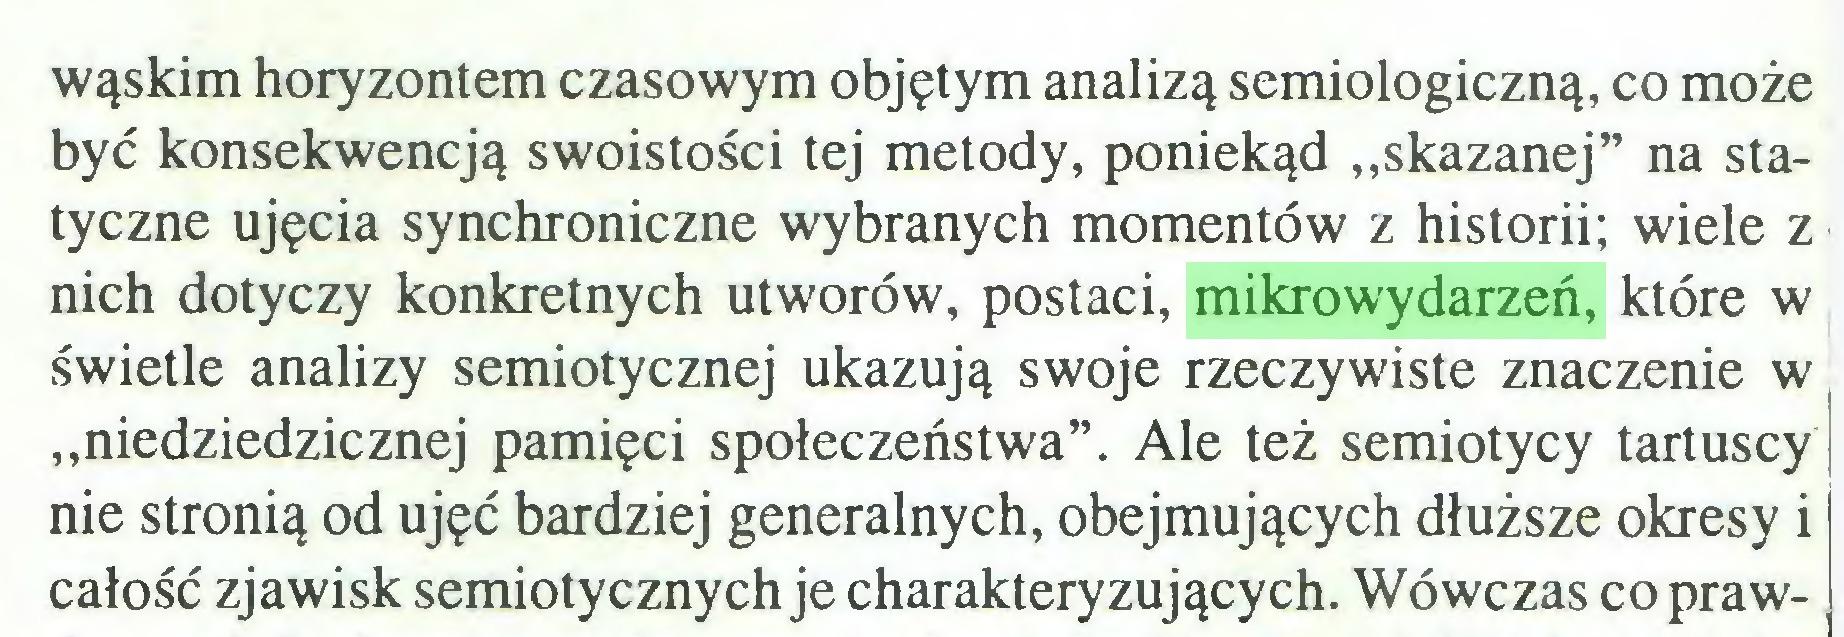 """(...) wąskim horyzontem czasowym objętym analizą semiologiczną, co może być konsekwencją swoistości tej metody, poniekąd """"skazanej"""" na statyczne ujęcia synchroniczne wybranych momentów z historii; wiele z nich dotyczy konkretnych utworów, postaci, mikrowydarzeń, które w świetle analizy semiotycznej ukazują swoje rzeczywiste znaczenie w """"niedziedzicznej pamięci społeczeństwa"""". Ale też semiotycy tartuscy nie stronią od ujęć bardziej generalnych, obejmujących dłuższe okresy i całość zjawisk semiotycznych je charakteryzujących. Wówczas co praw..."""